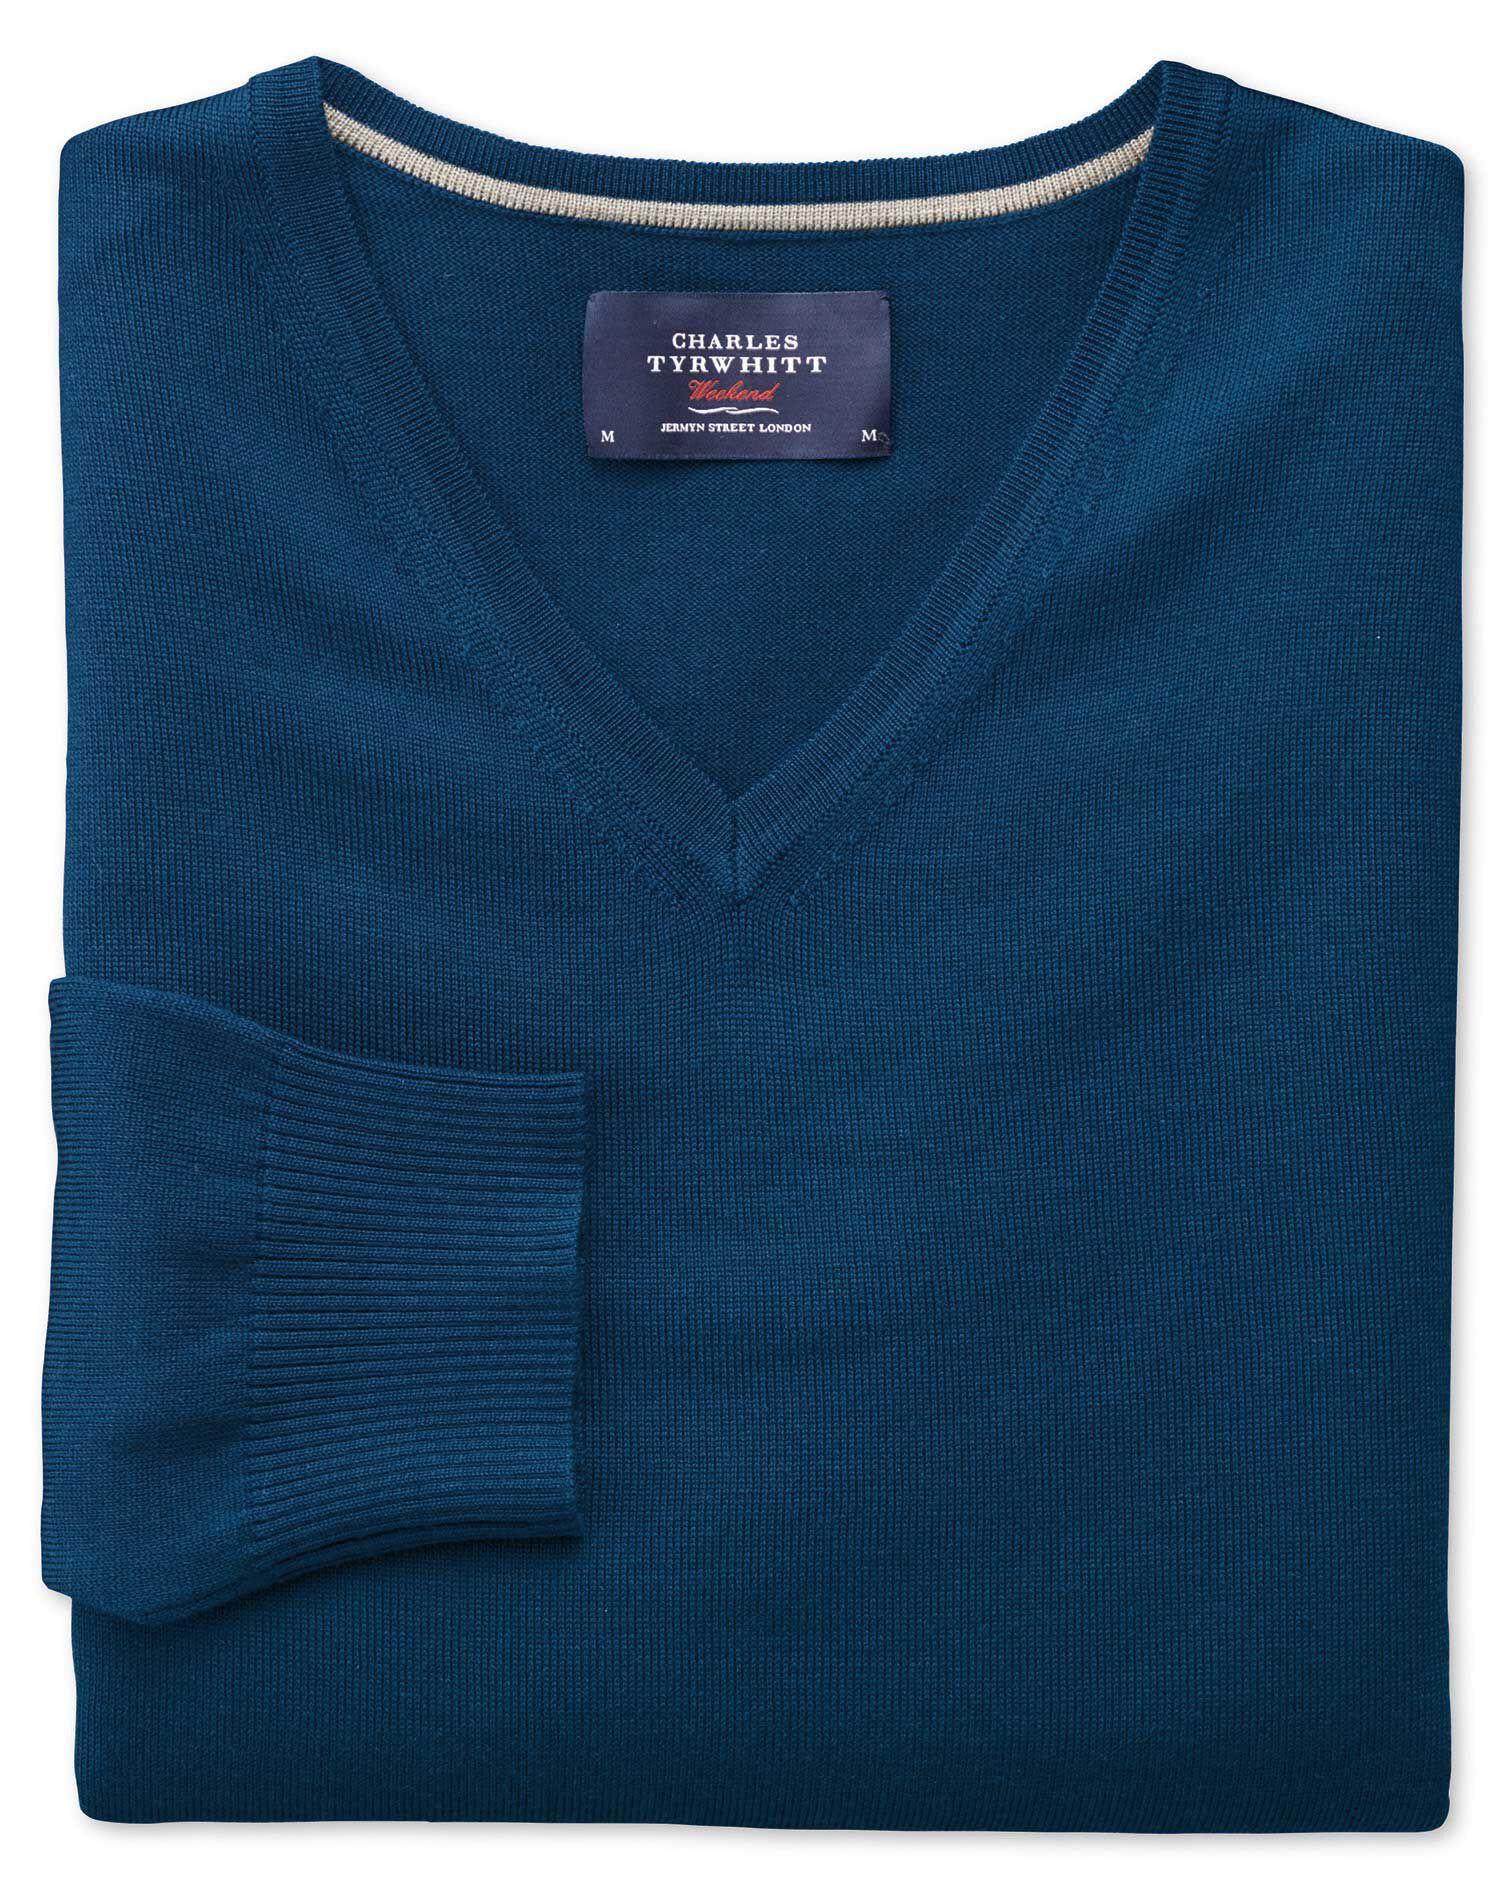 Blue Merino Wool V-Neck Jumper Size Small by Charles Tyrwhitt